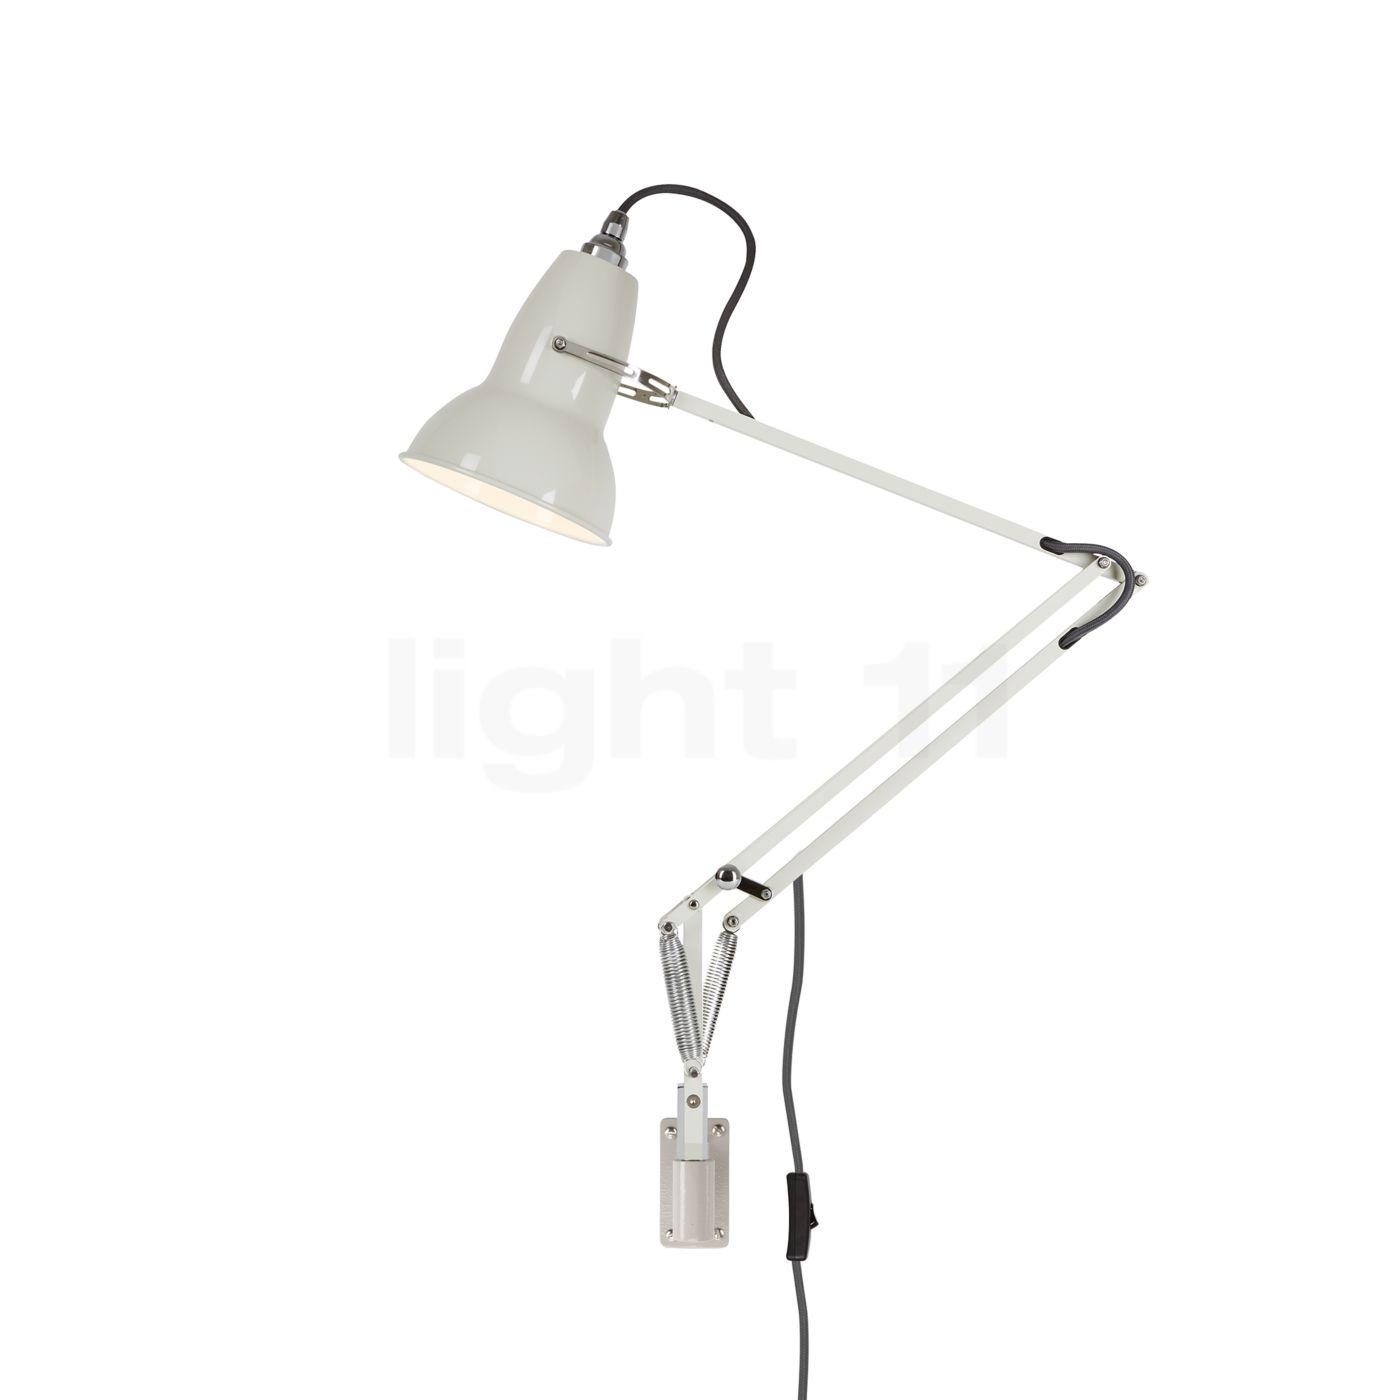 anglepoise original 1227 wall lights buy at light11 eu